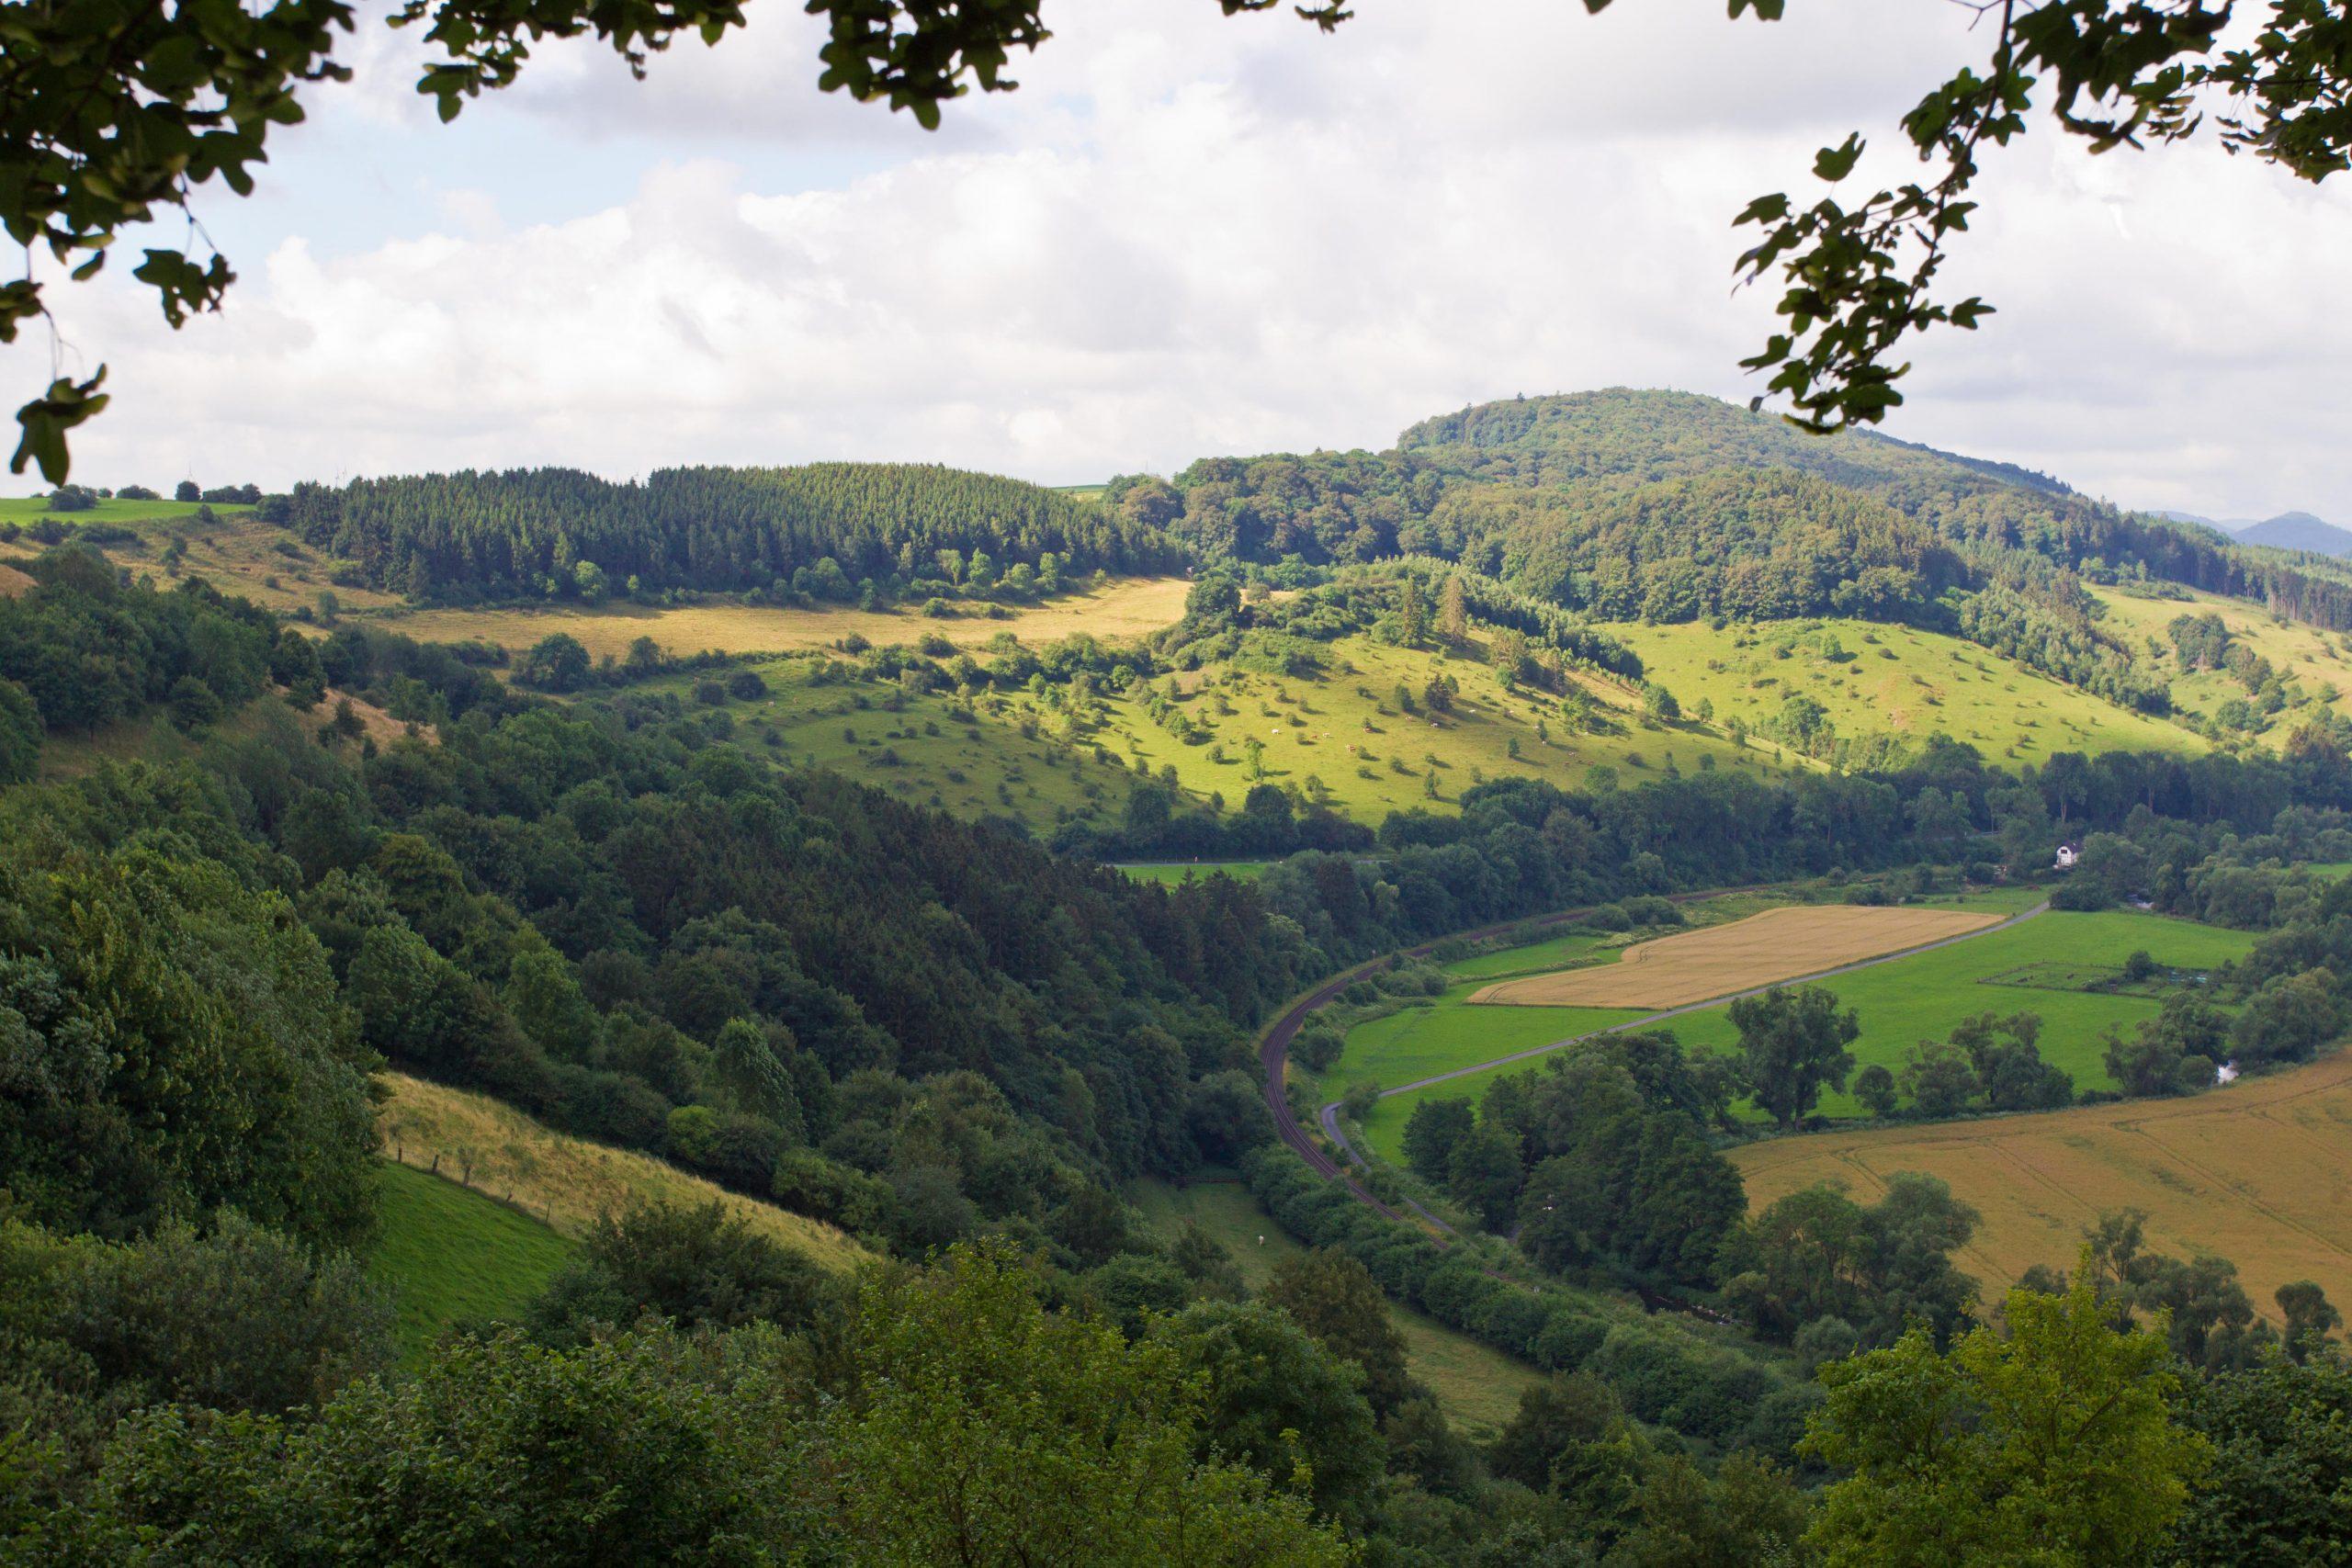 Zum faktischen Vogelschutzgebiet Diemel- und Hoppecketal mit Wäldern bei Brilon und Marsberg: